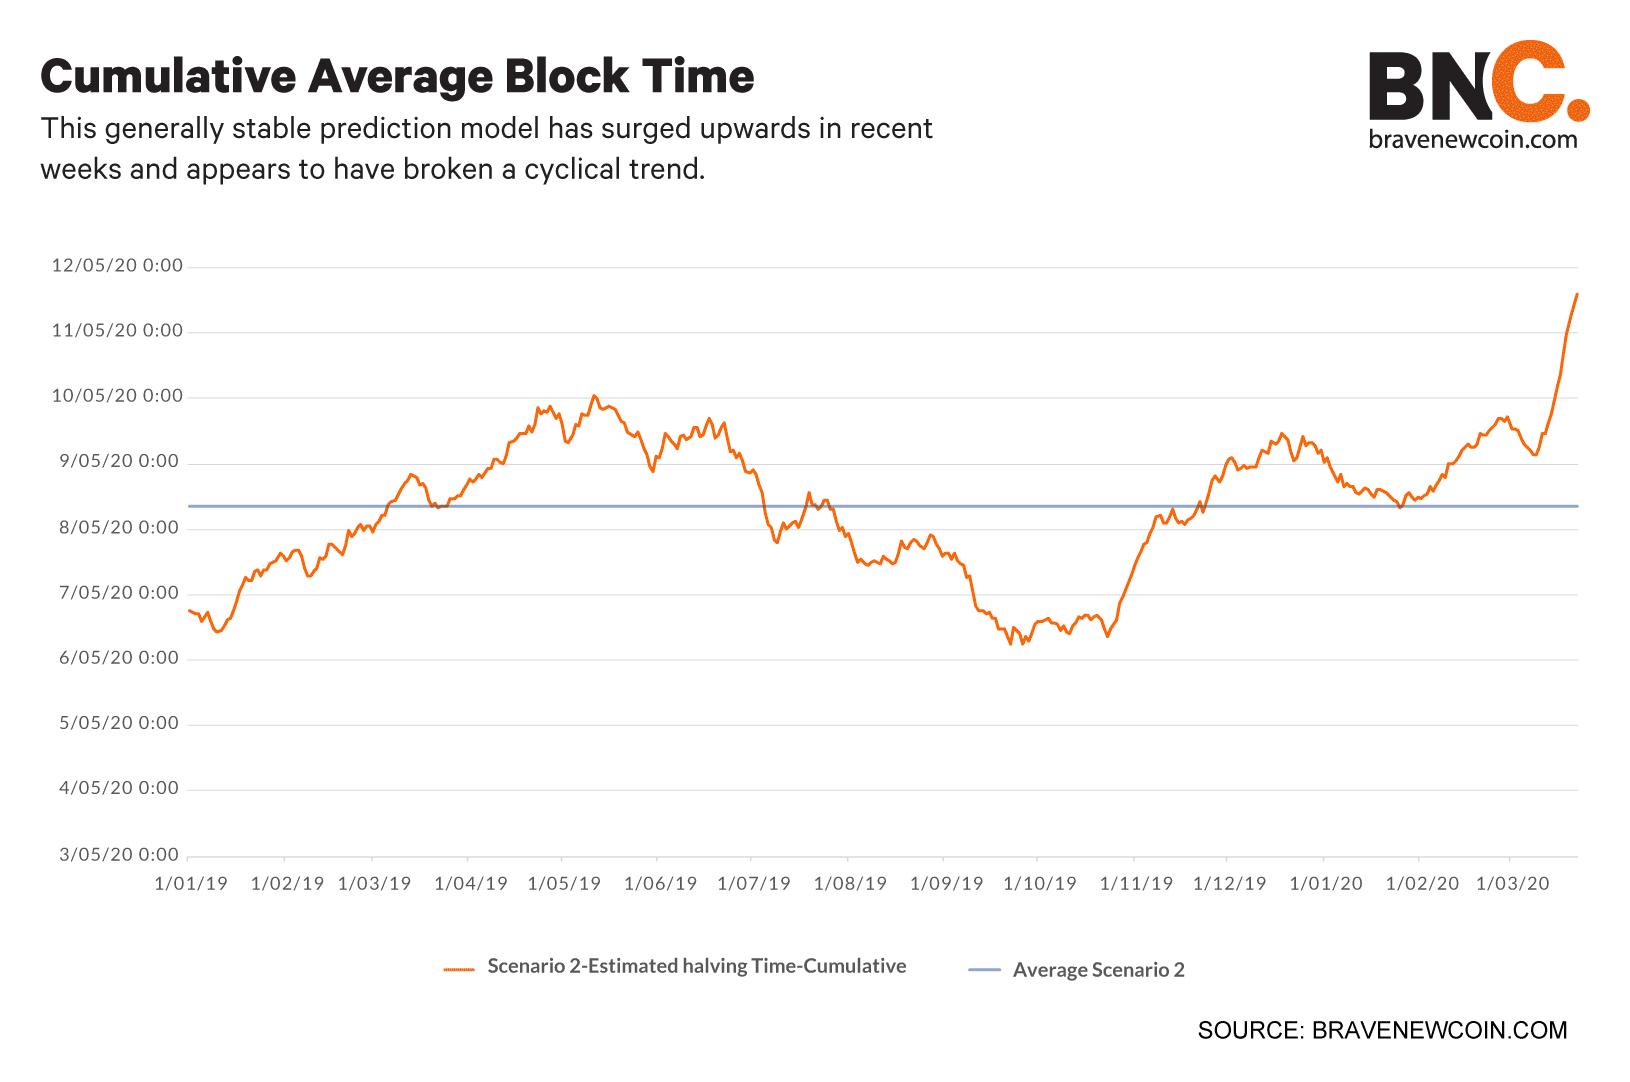 Cumulative-average-block-time (4)